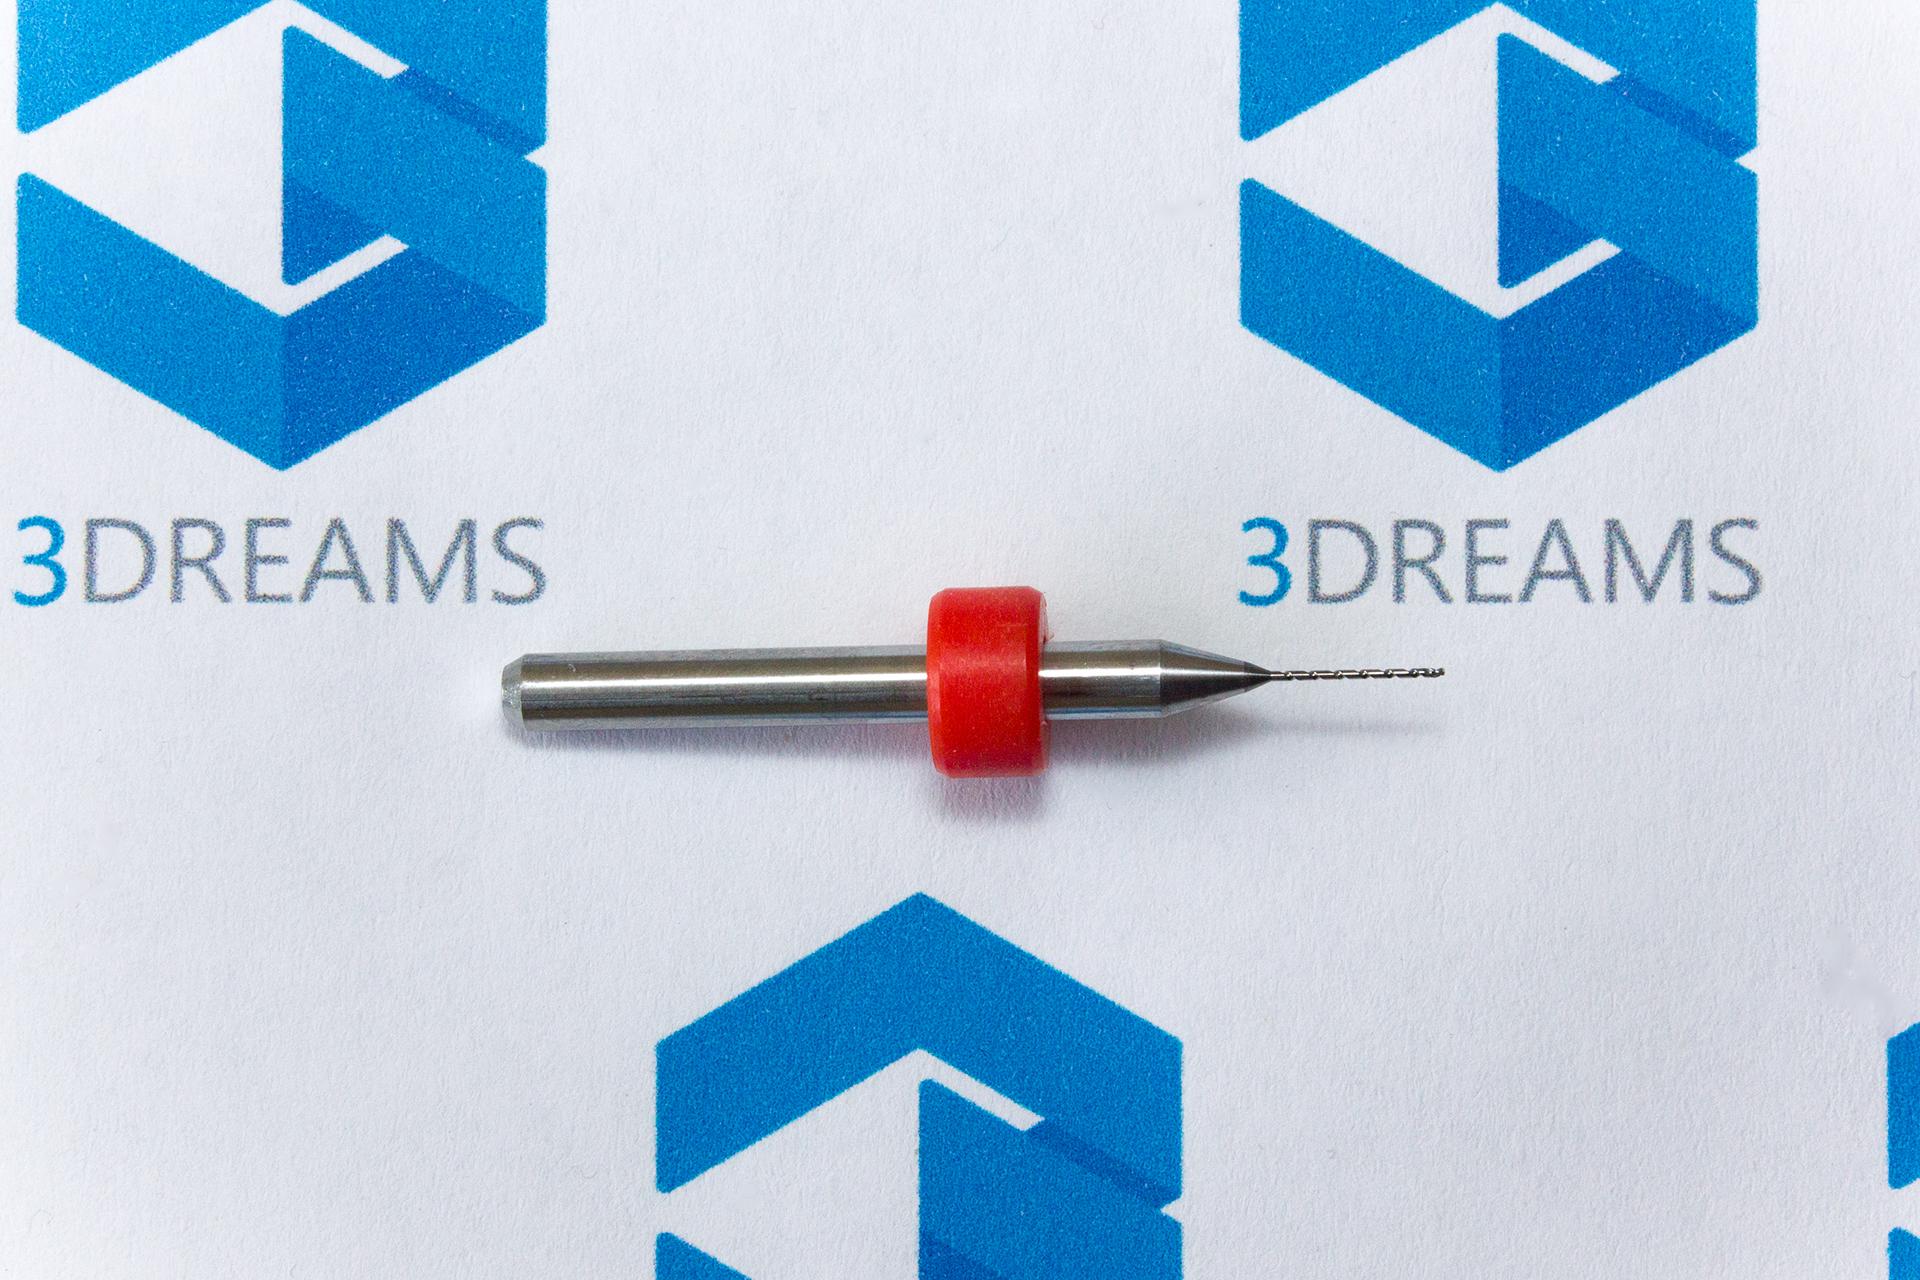 Сверло для чистки сопла 3D принтера купить украина 2